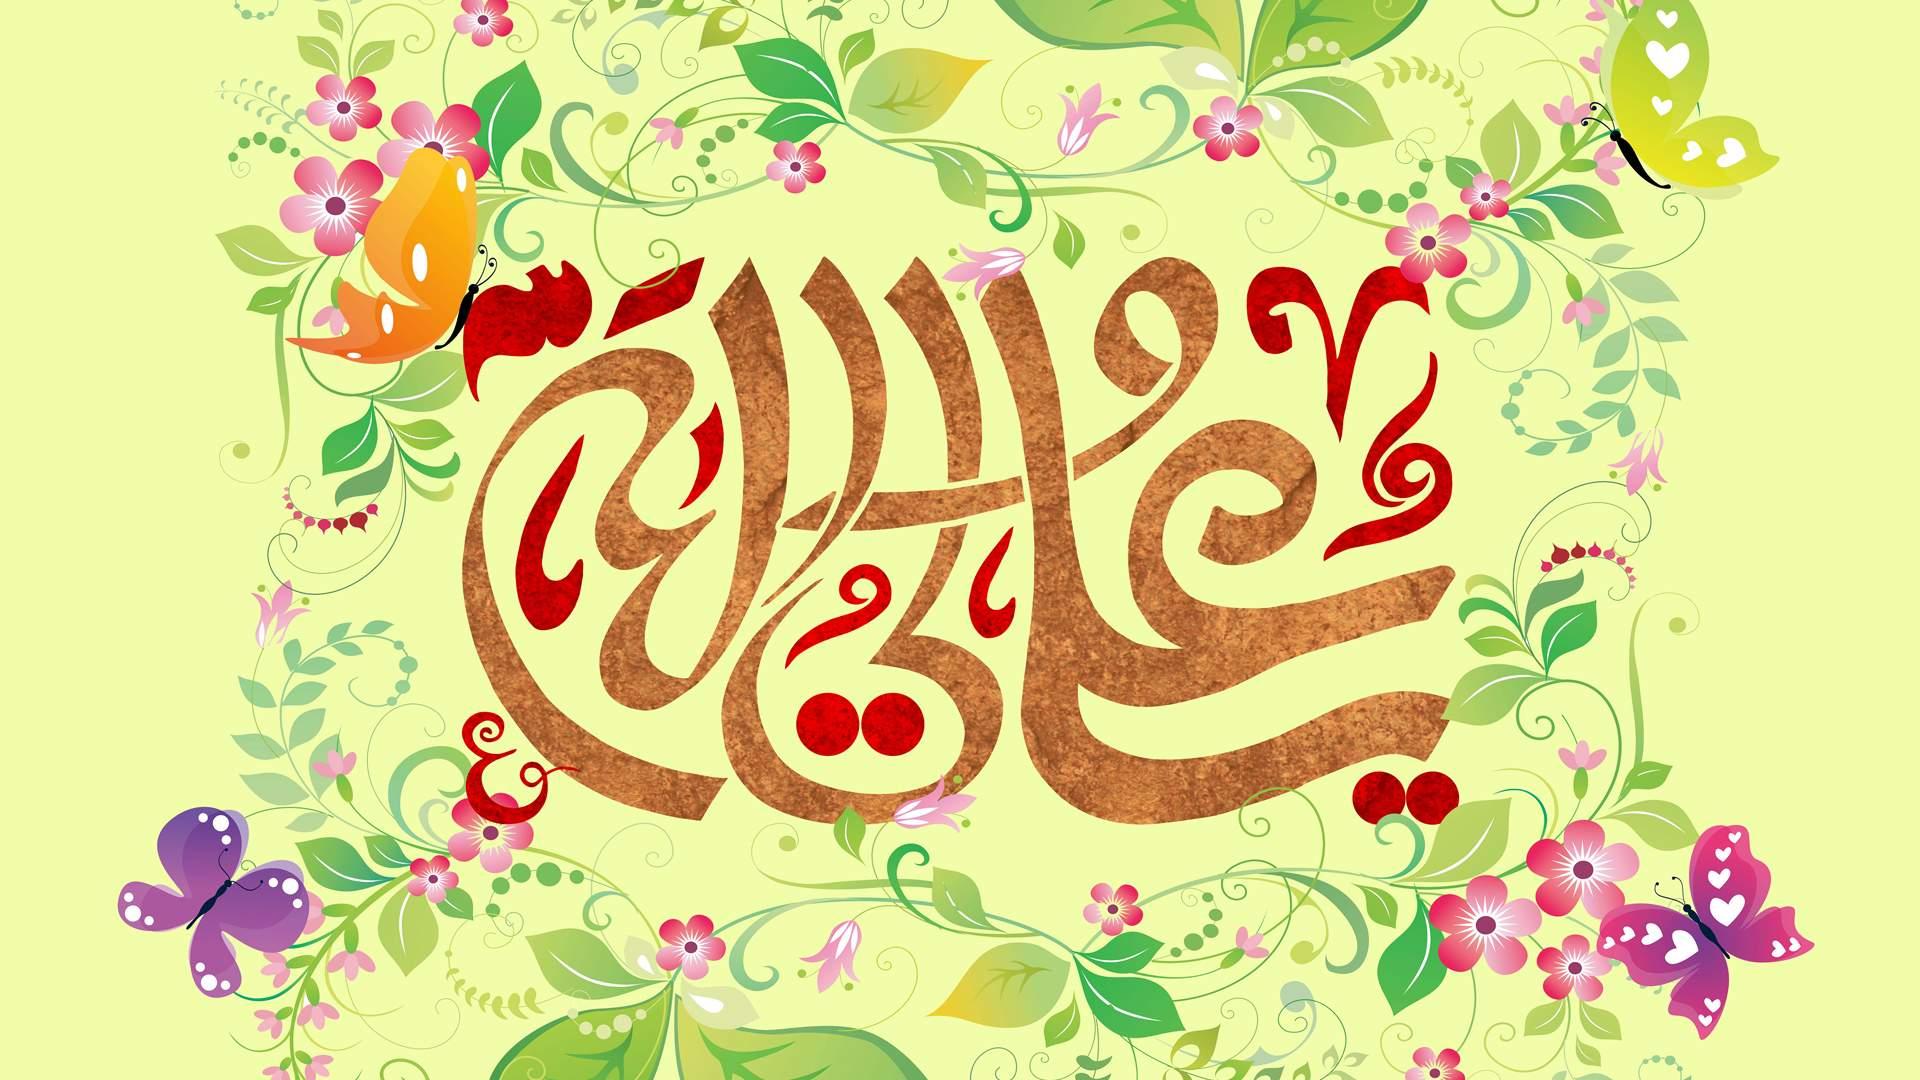 تصویر از گلچین مولودی ویژه عید سعید غدیر خم